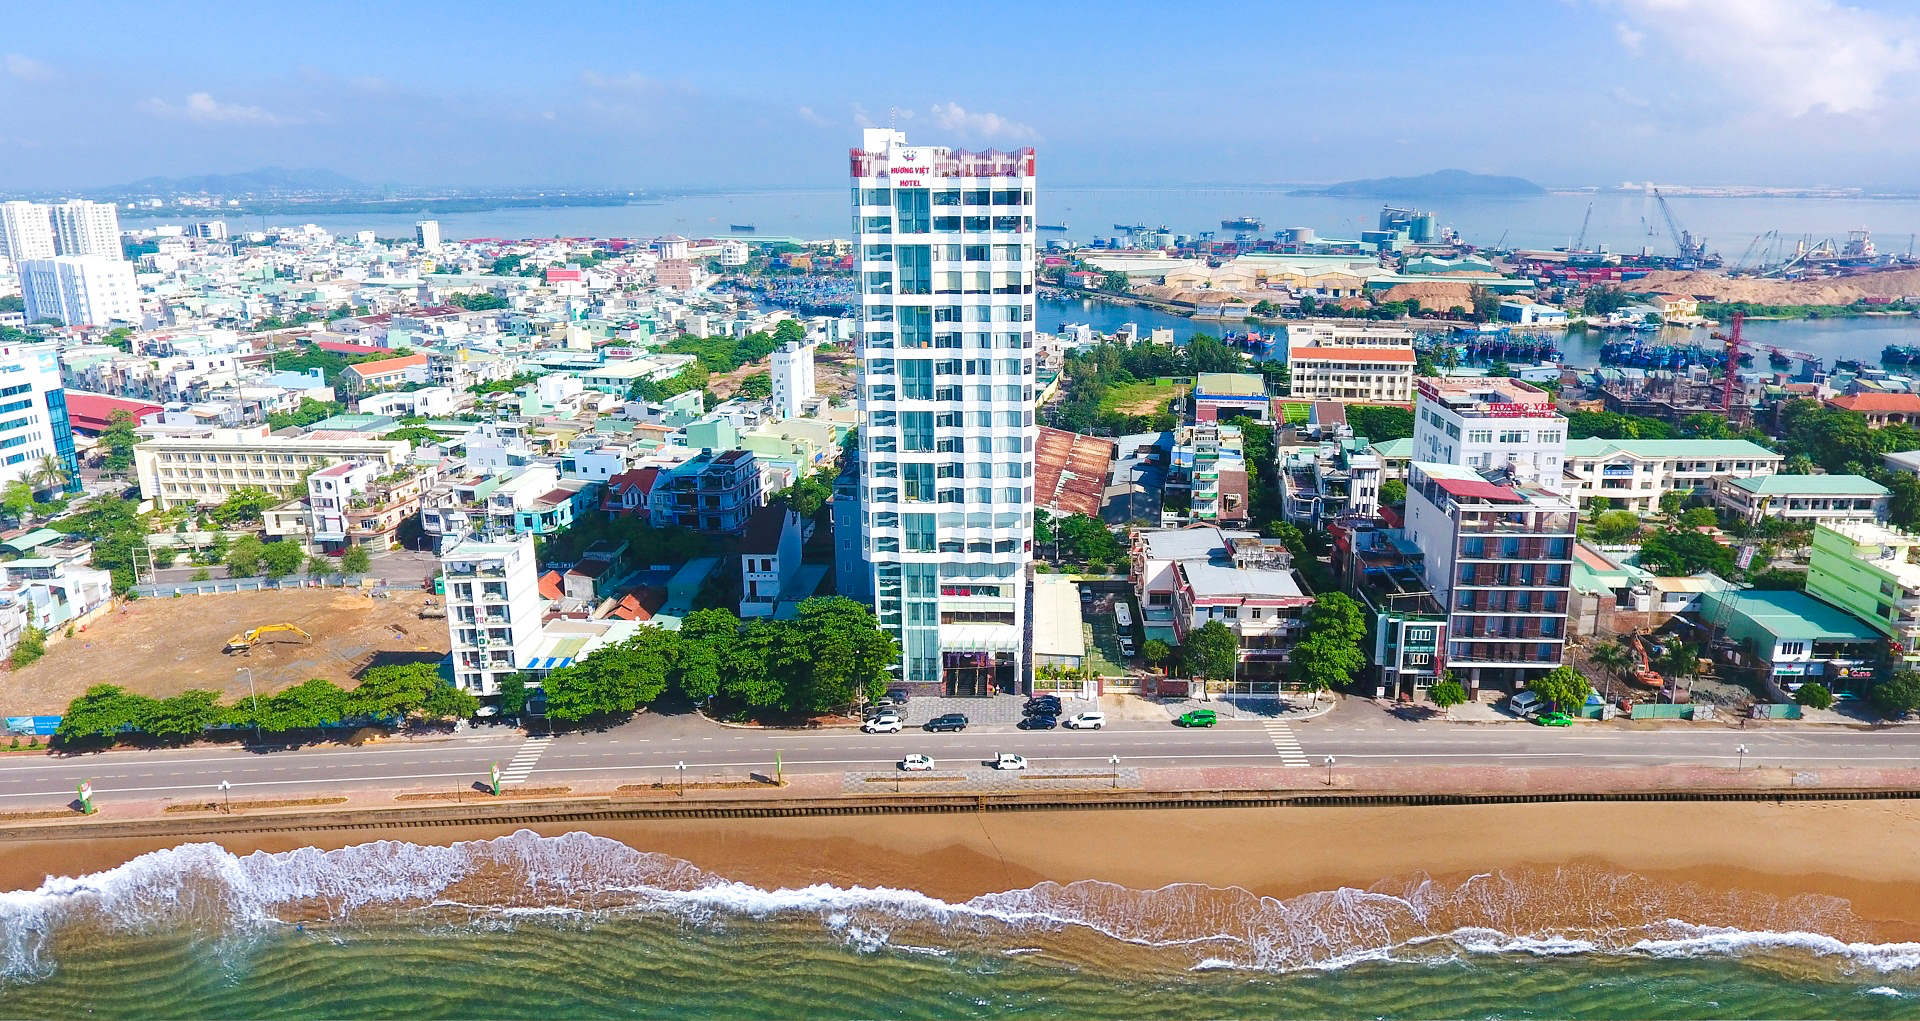 Khách sạn Hương Việt Quy Nhơn 4 sao – Vị trí biển siêu đẹp| 1900 599946